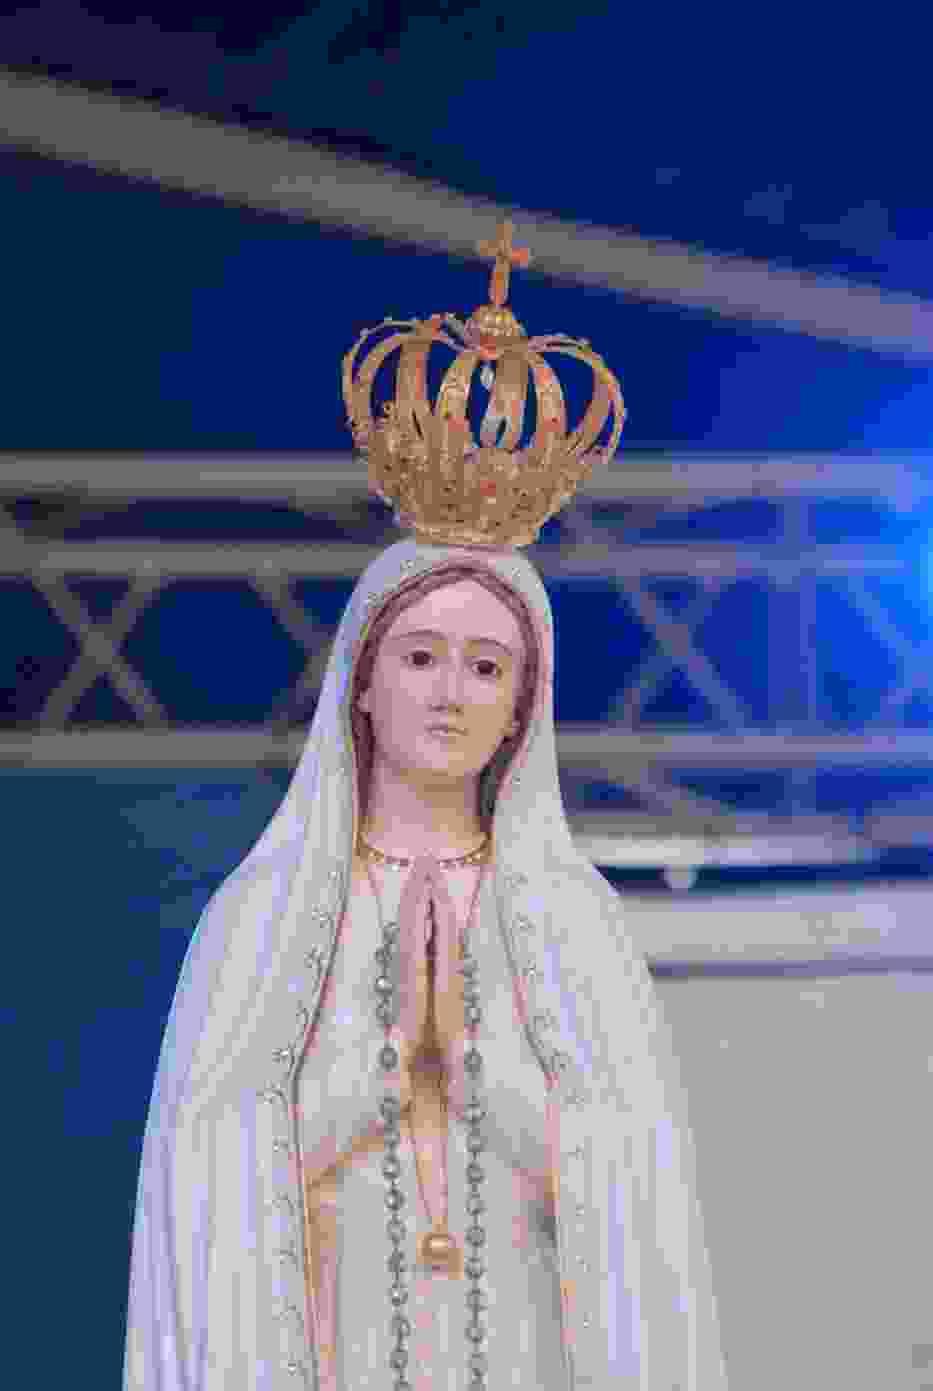 W dniach od 8 września do 8 października diecezję zielonogórsko-gorzowską nawiedzi figura Matki Bożej Fatimskiej